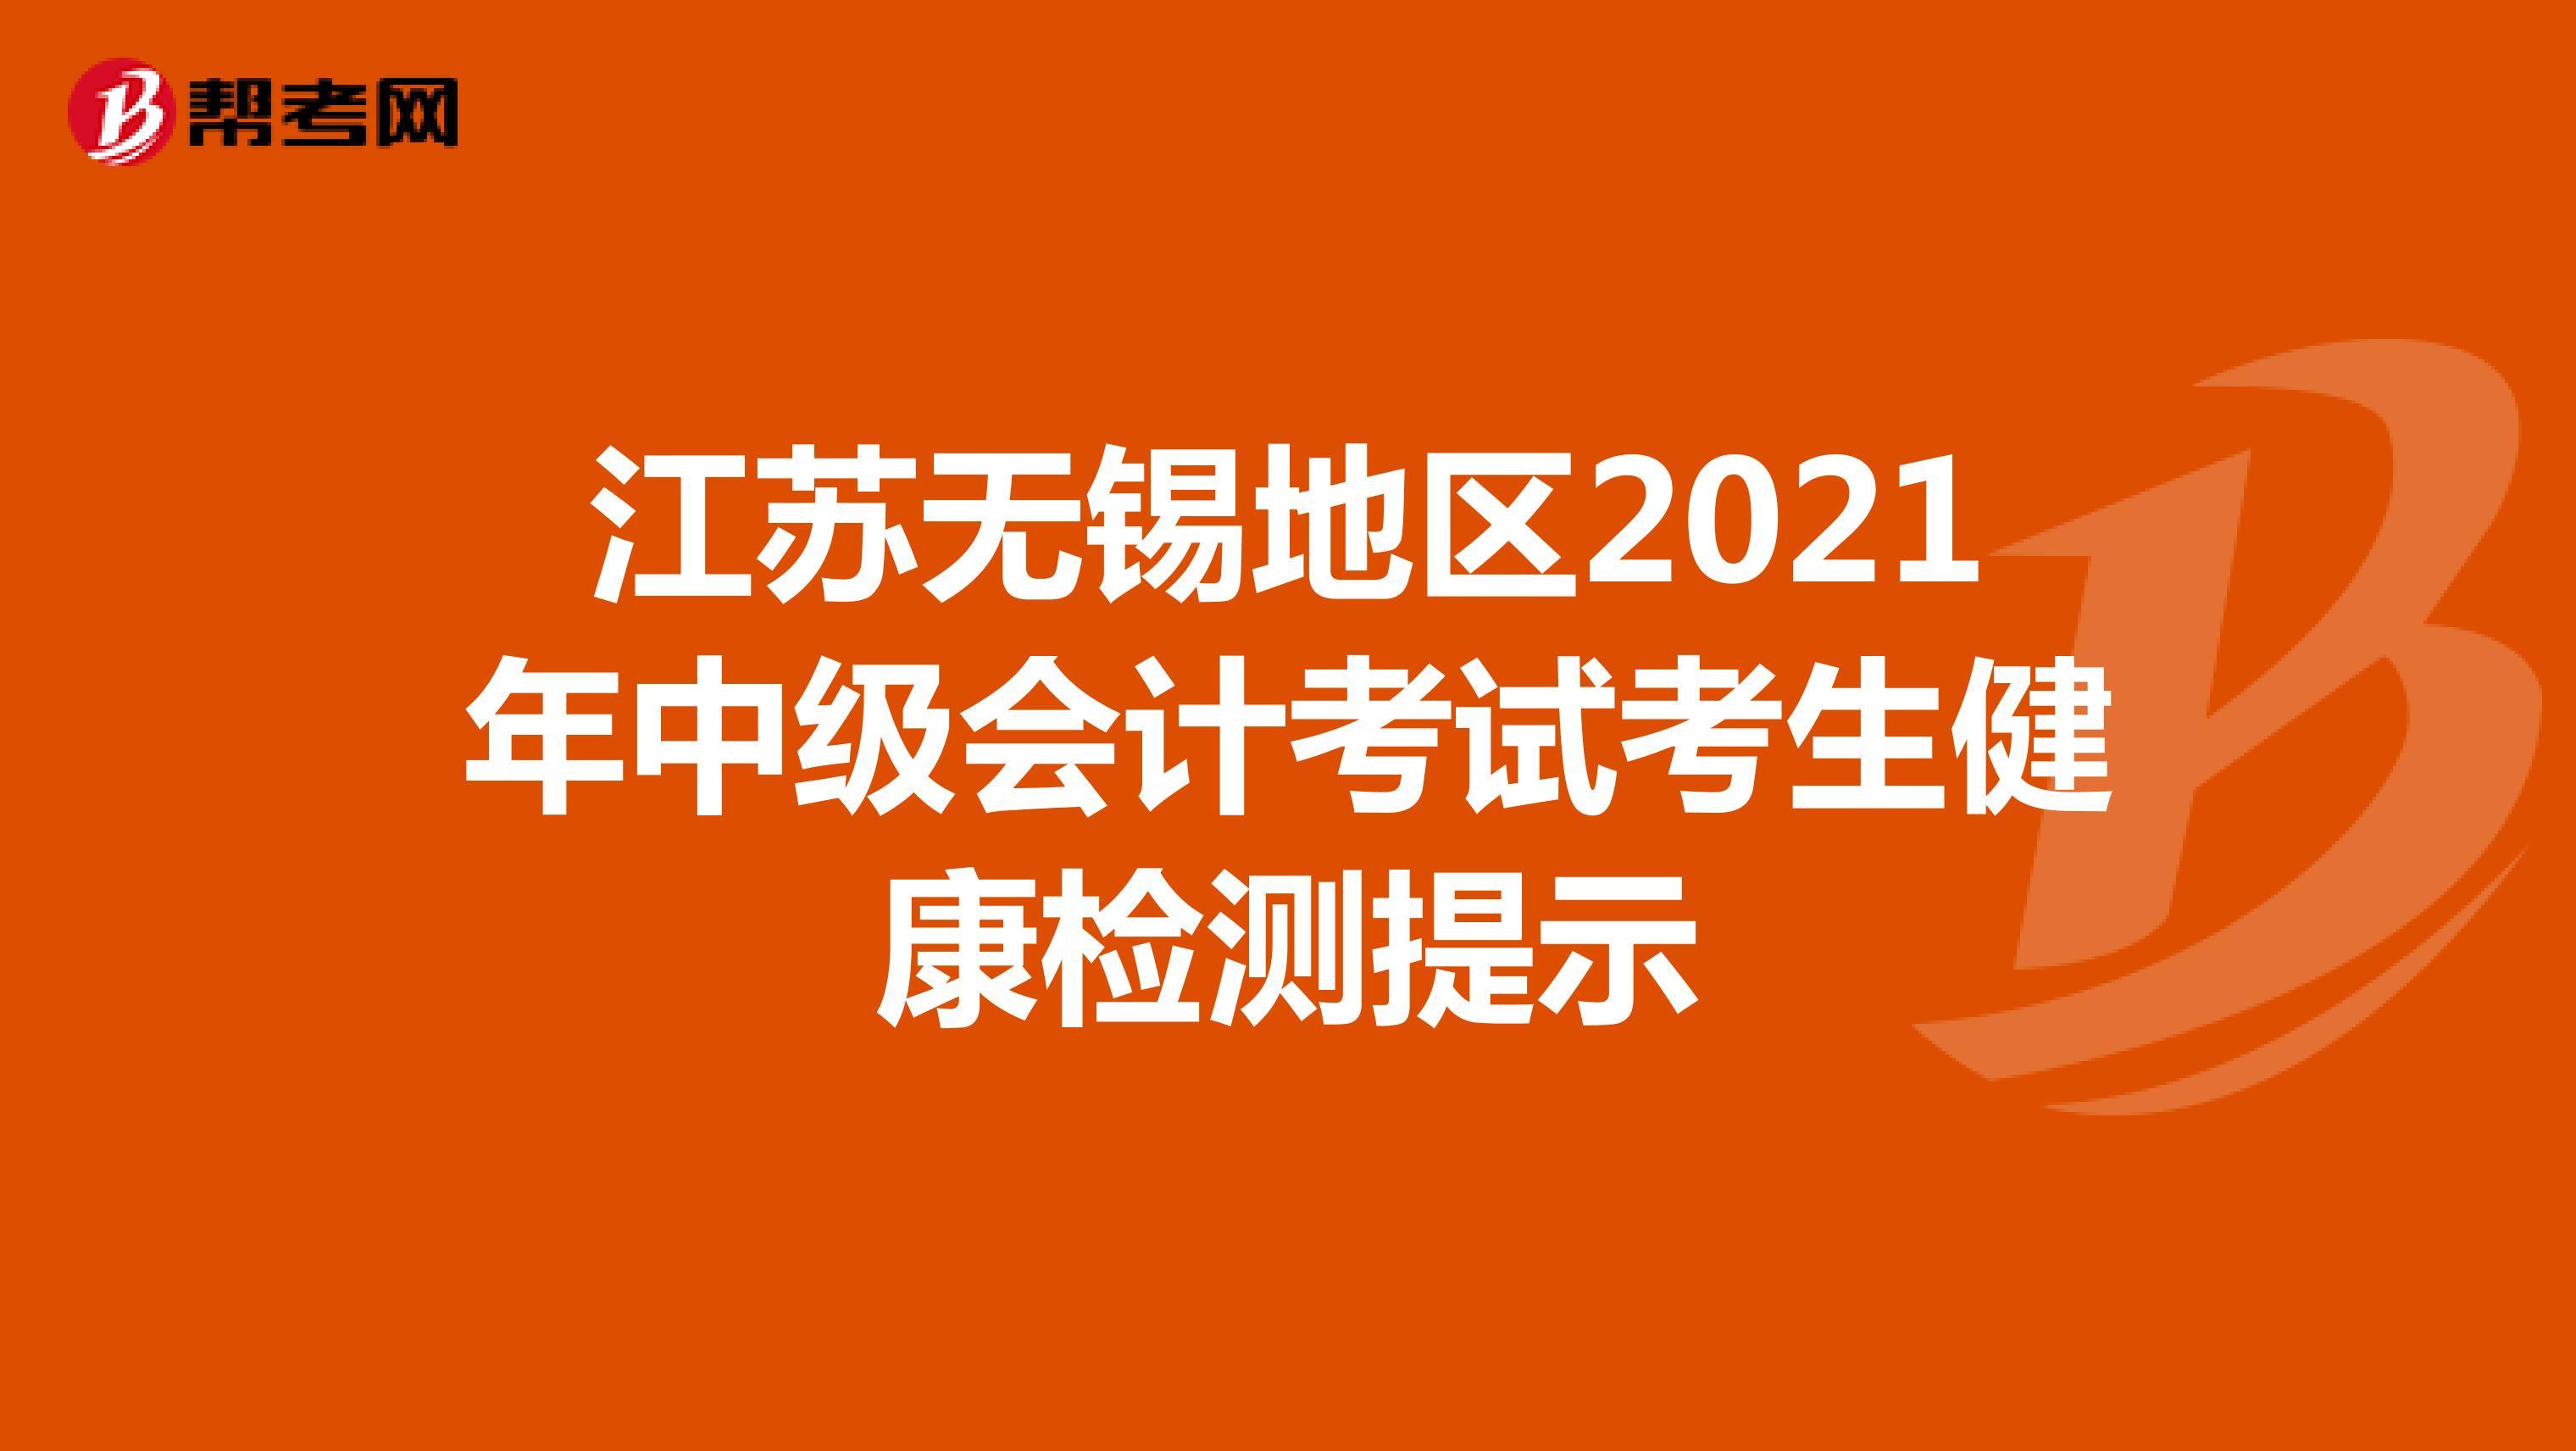 江苏无锡地区2021年中级会计考试考生健康检测提示